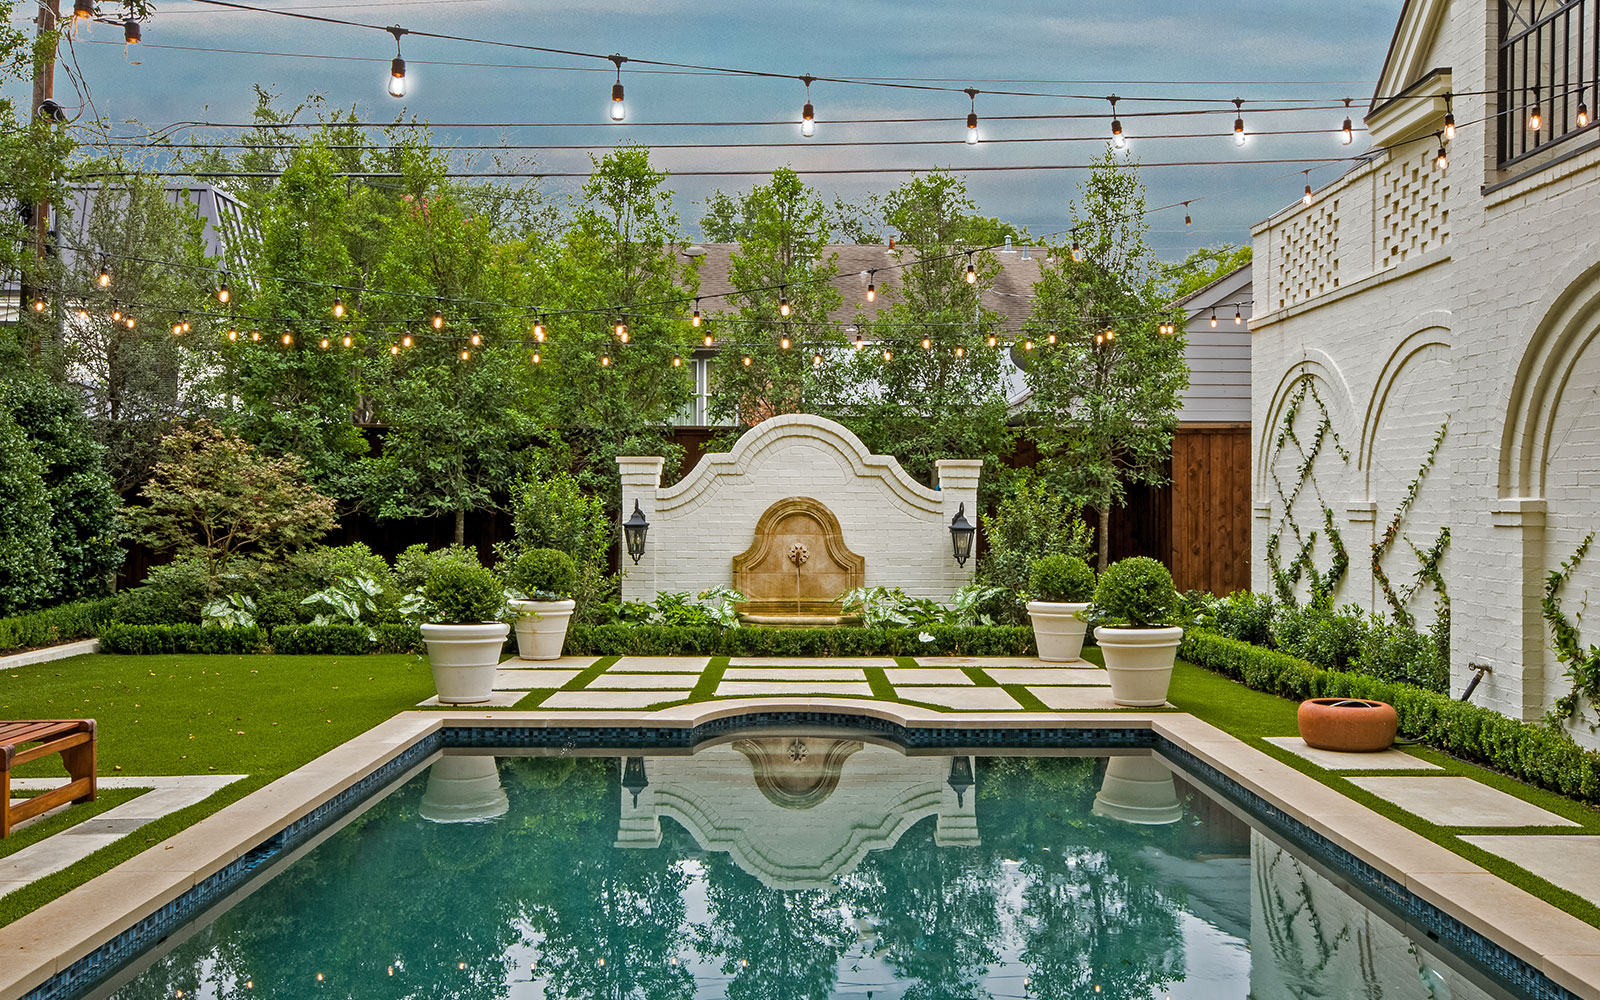 ddla-design-windsor-pool-wall-fountain.jpg